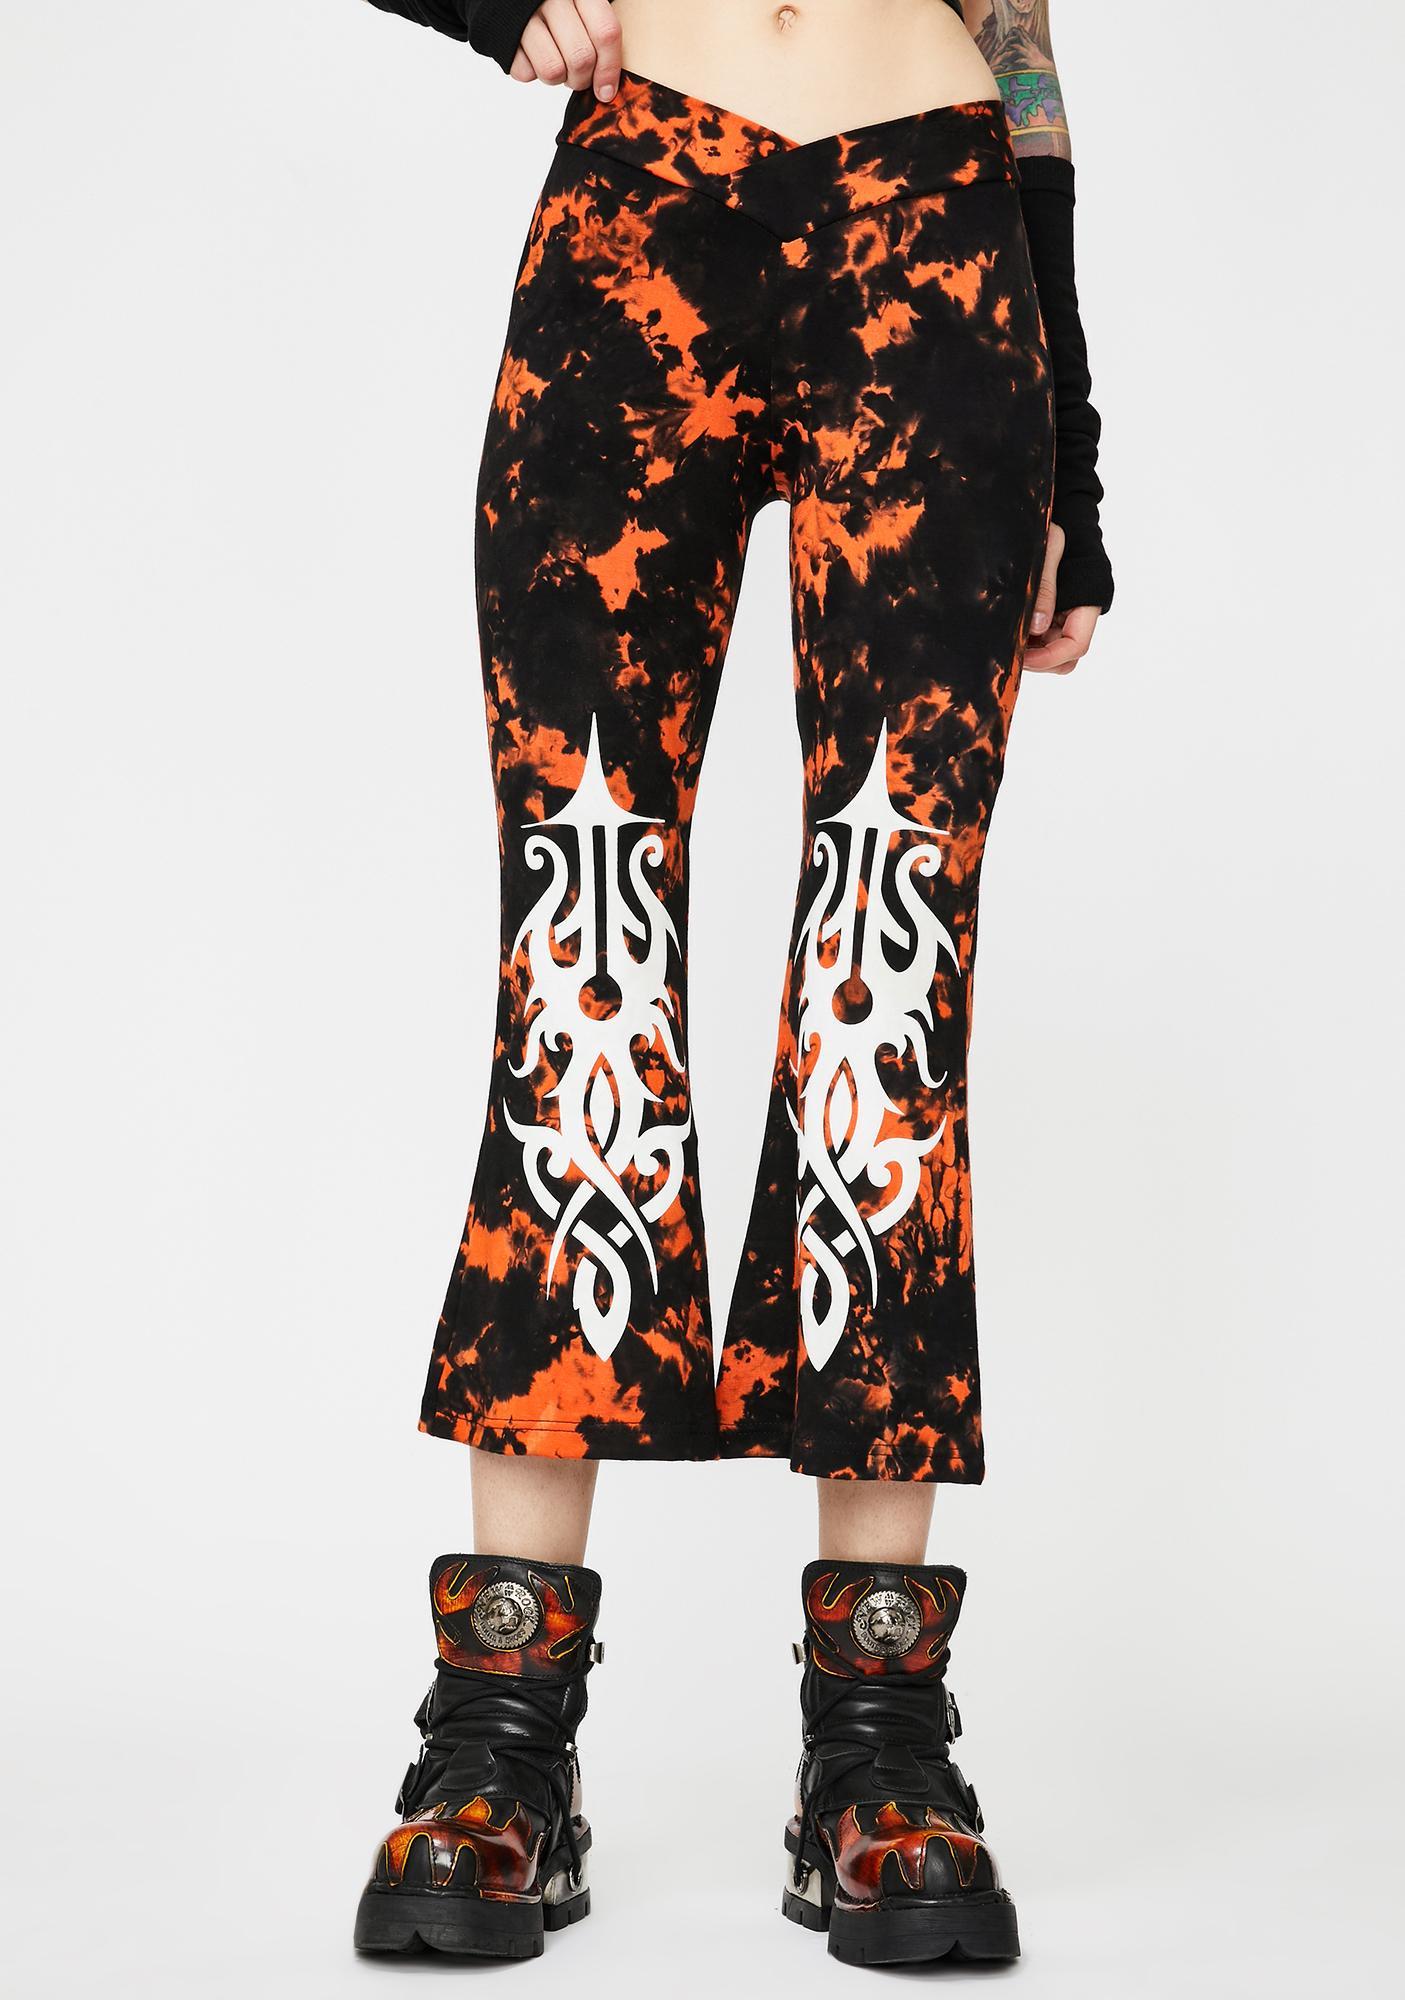 GADO GADO VIENNA Tie Dye Comfy Crop Pants